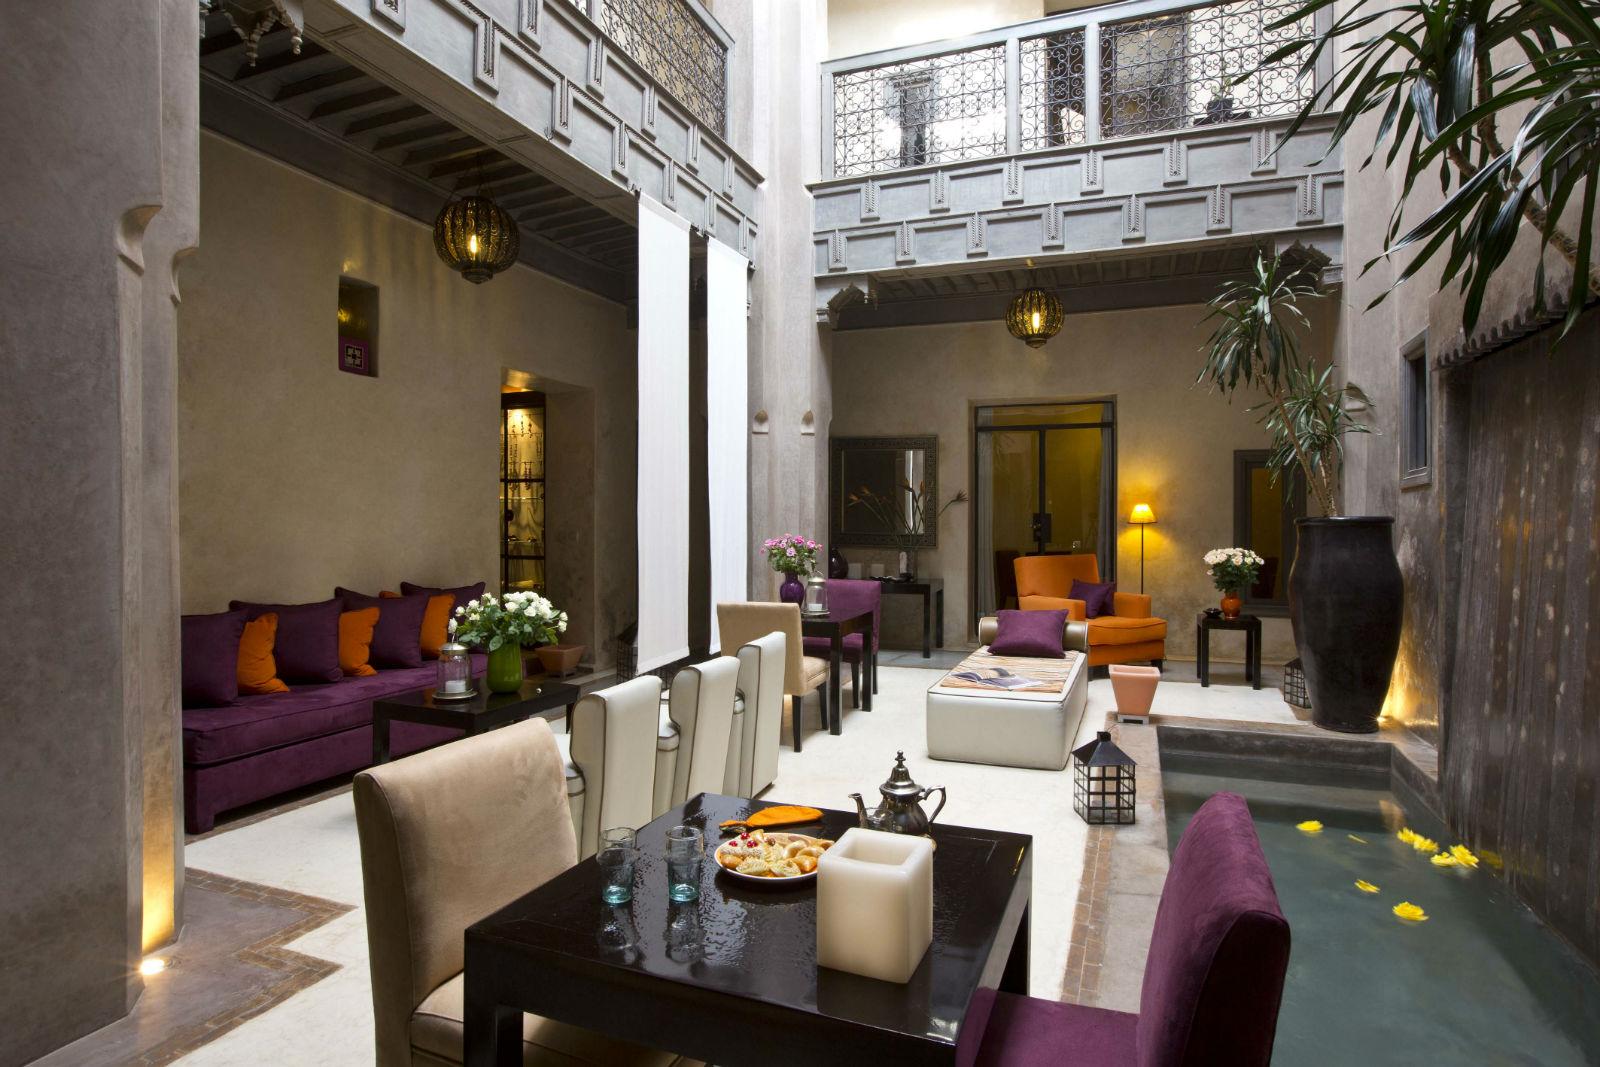 Hotels ryads trouver les plus beaux riads du maroc et for Trouver des hotels